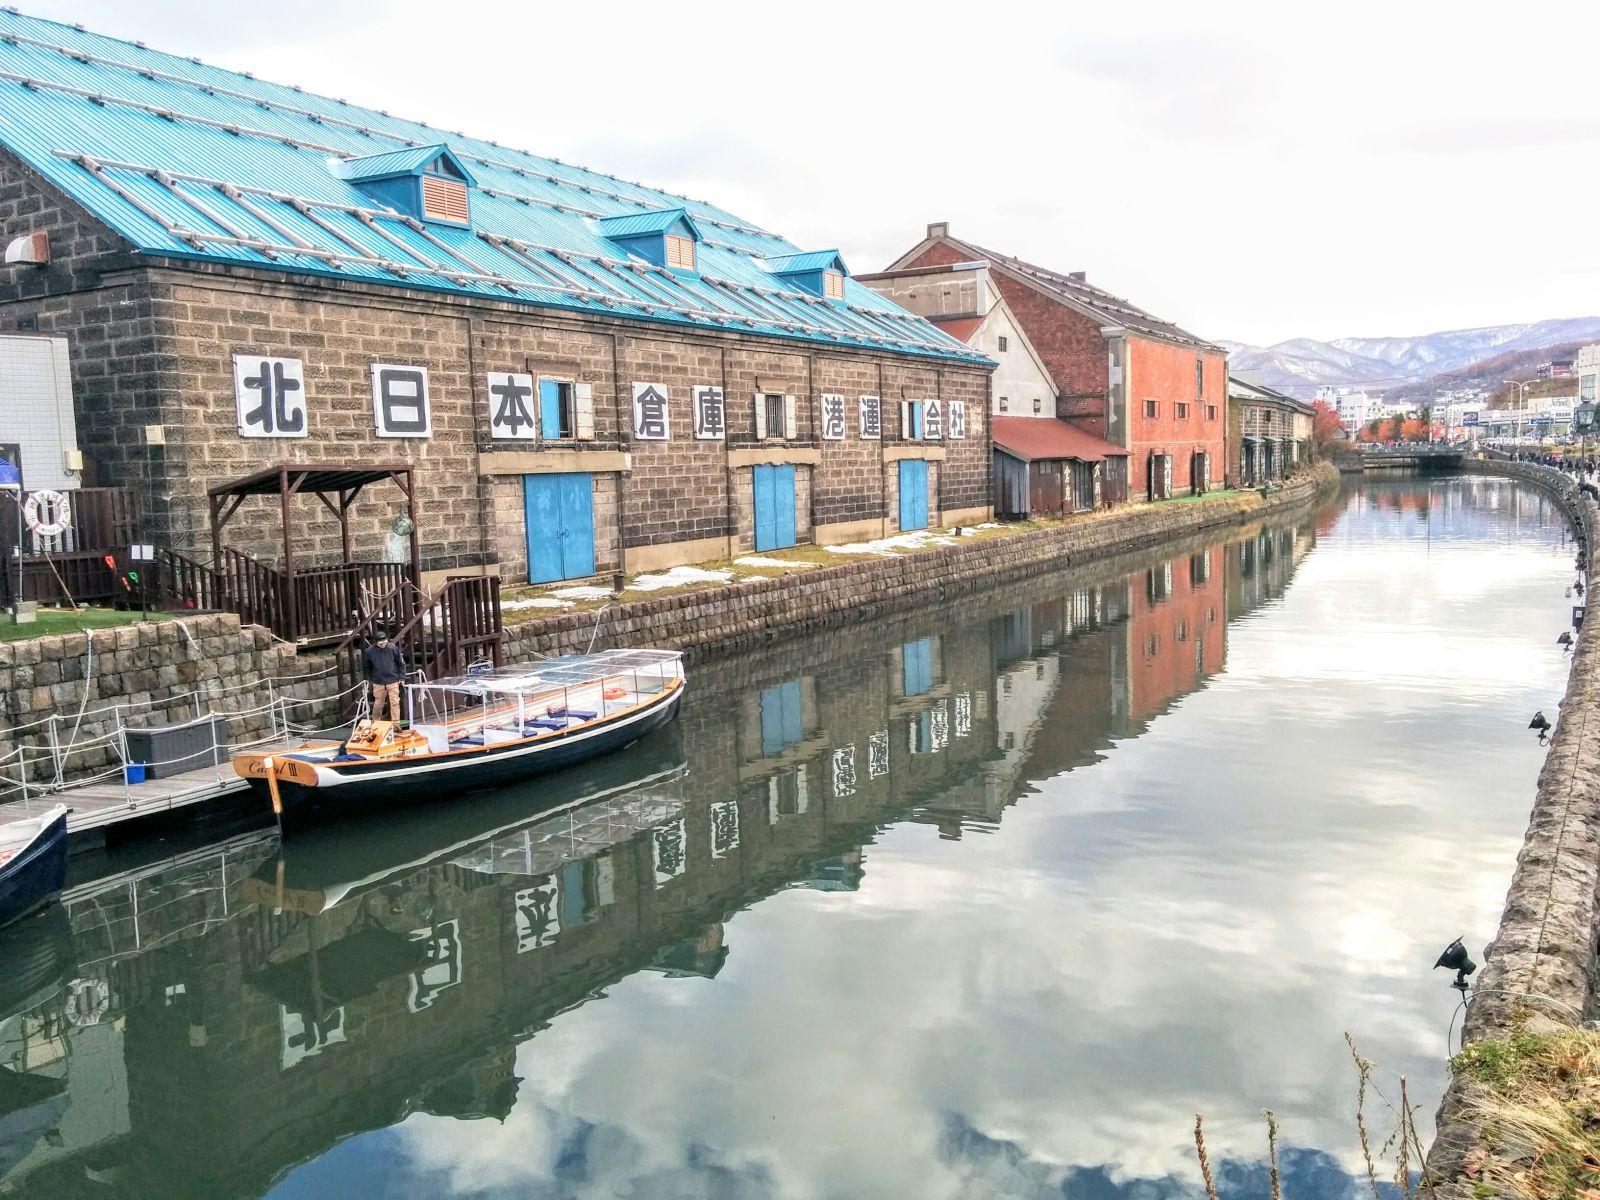 【小樽】小樽のあらまし観光案内です。